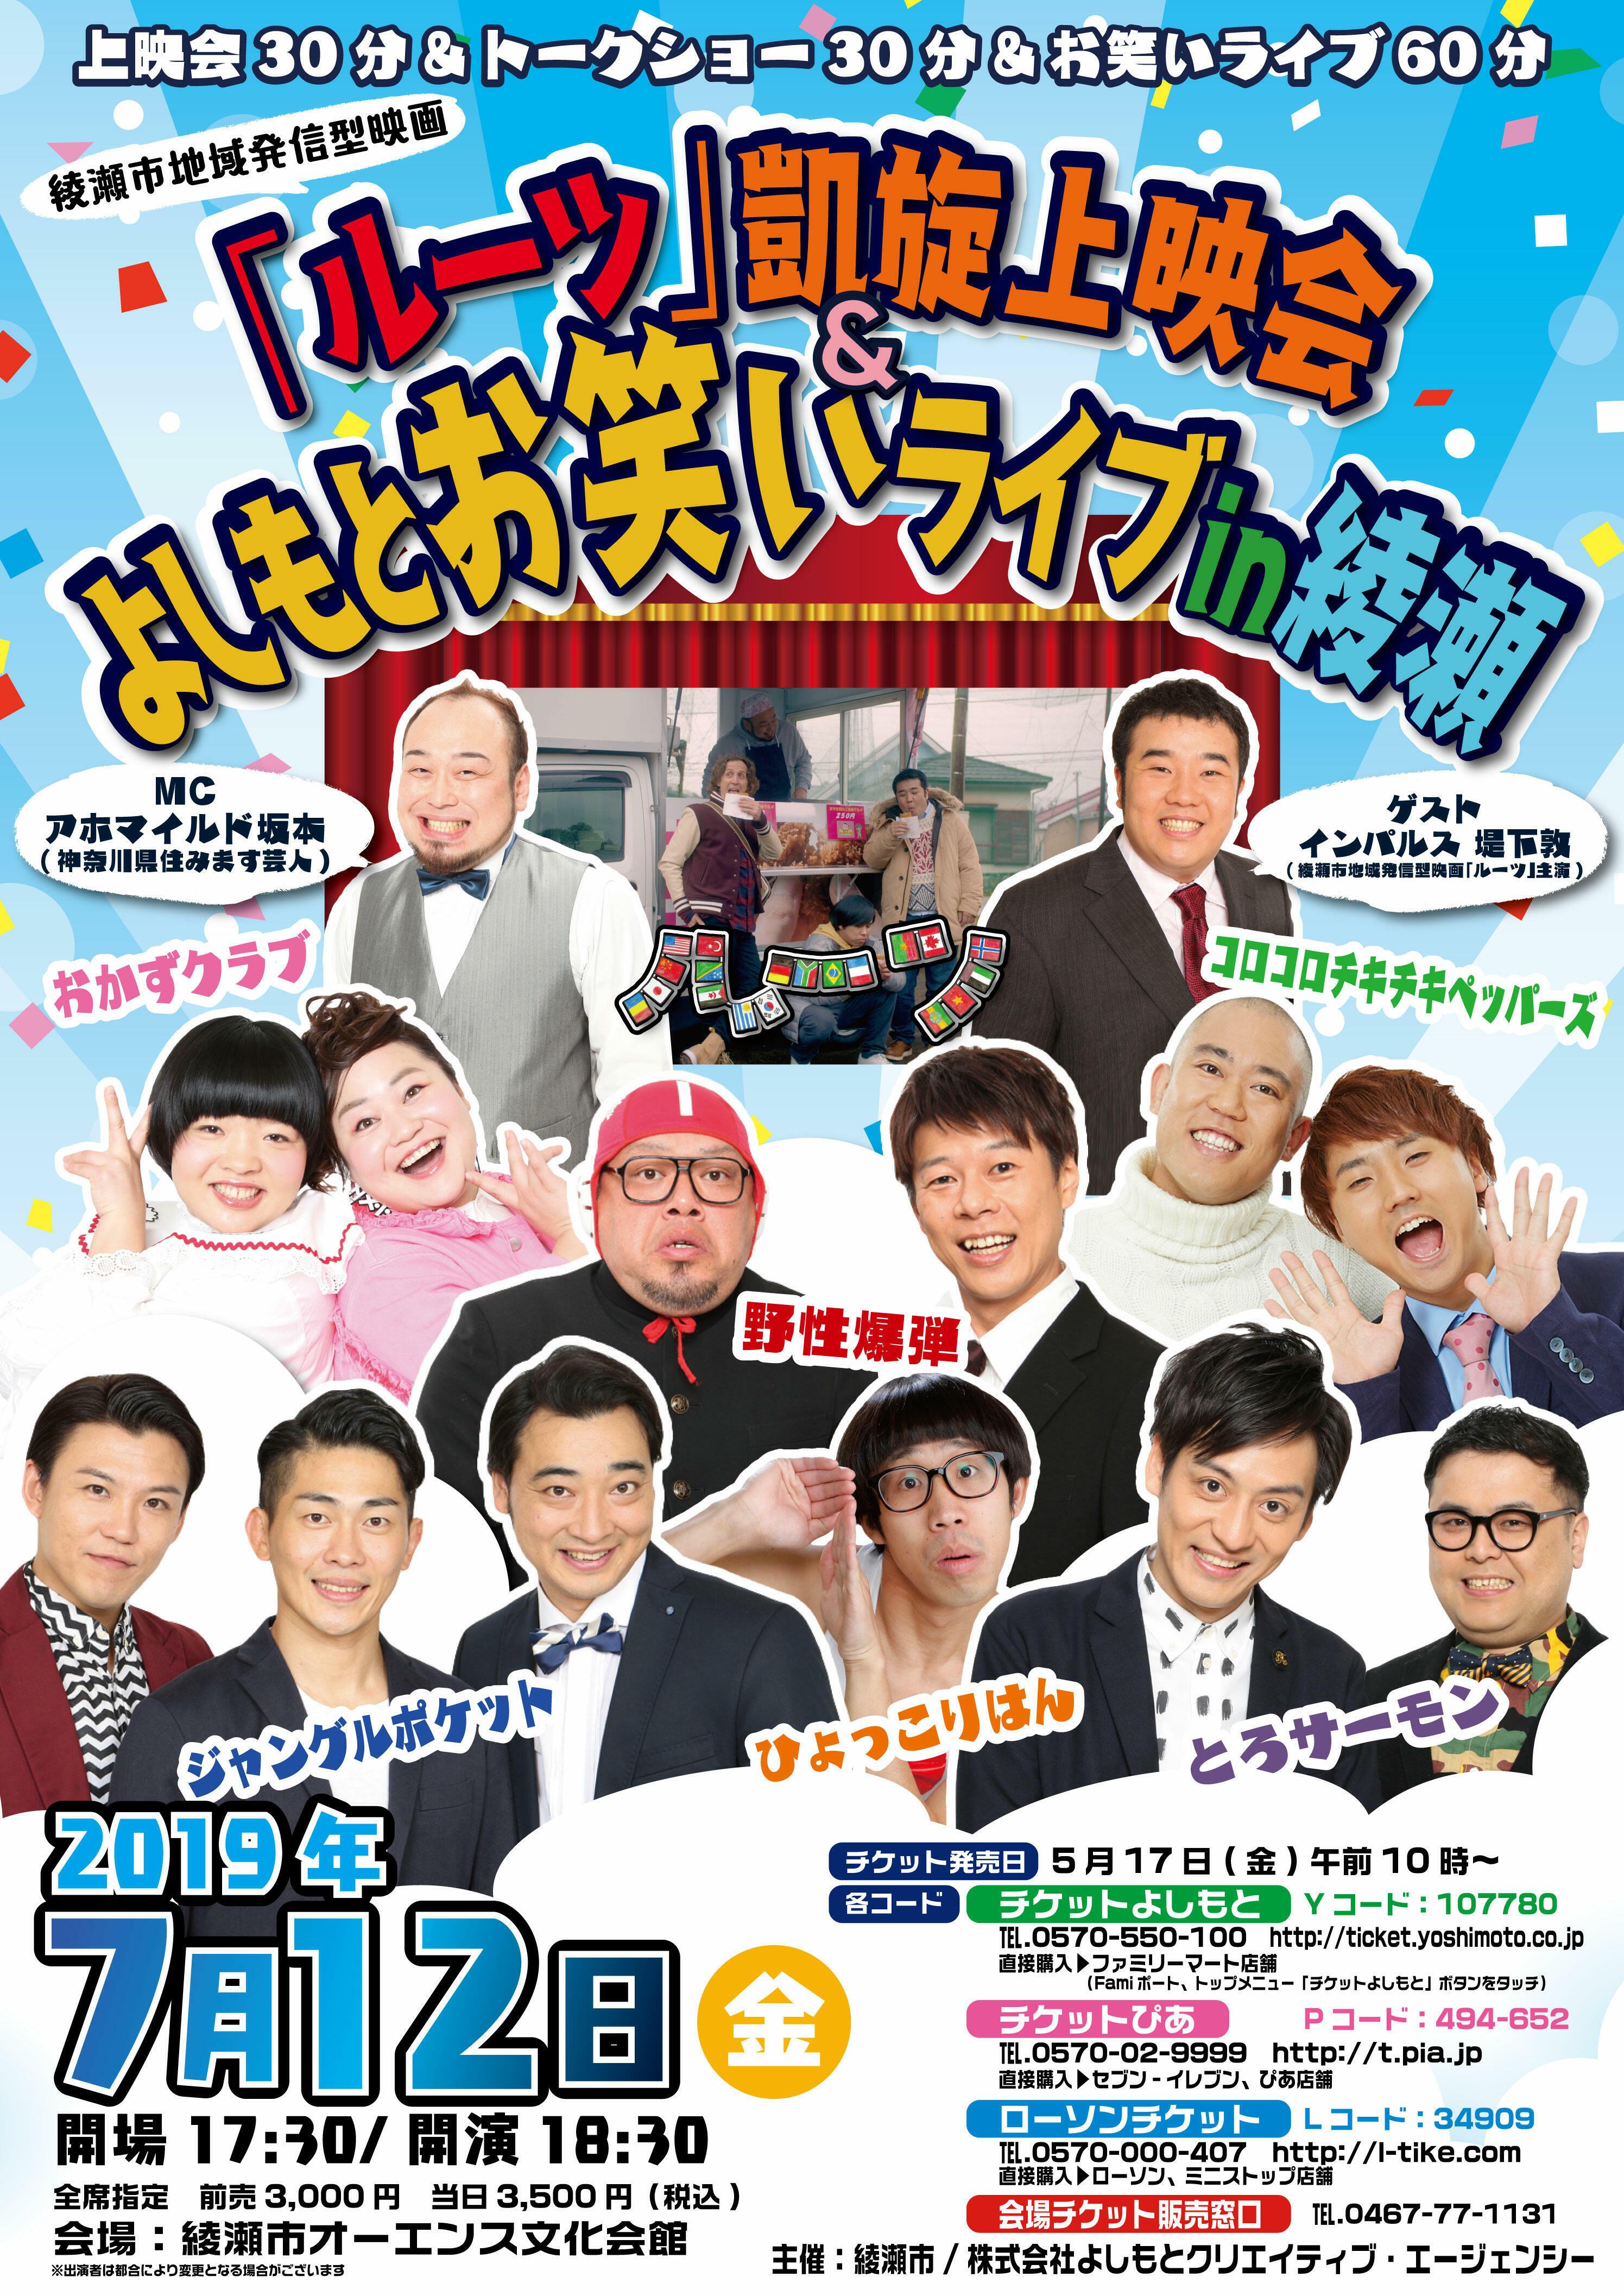 http://www.syumatsu.jp/20190606114635-cb8ad6beee12693b325c4d1dc211c9be6e1a68e9.jpg